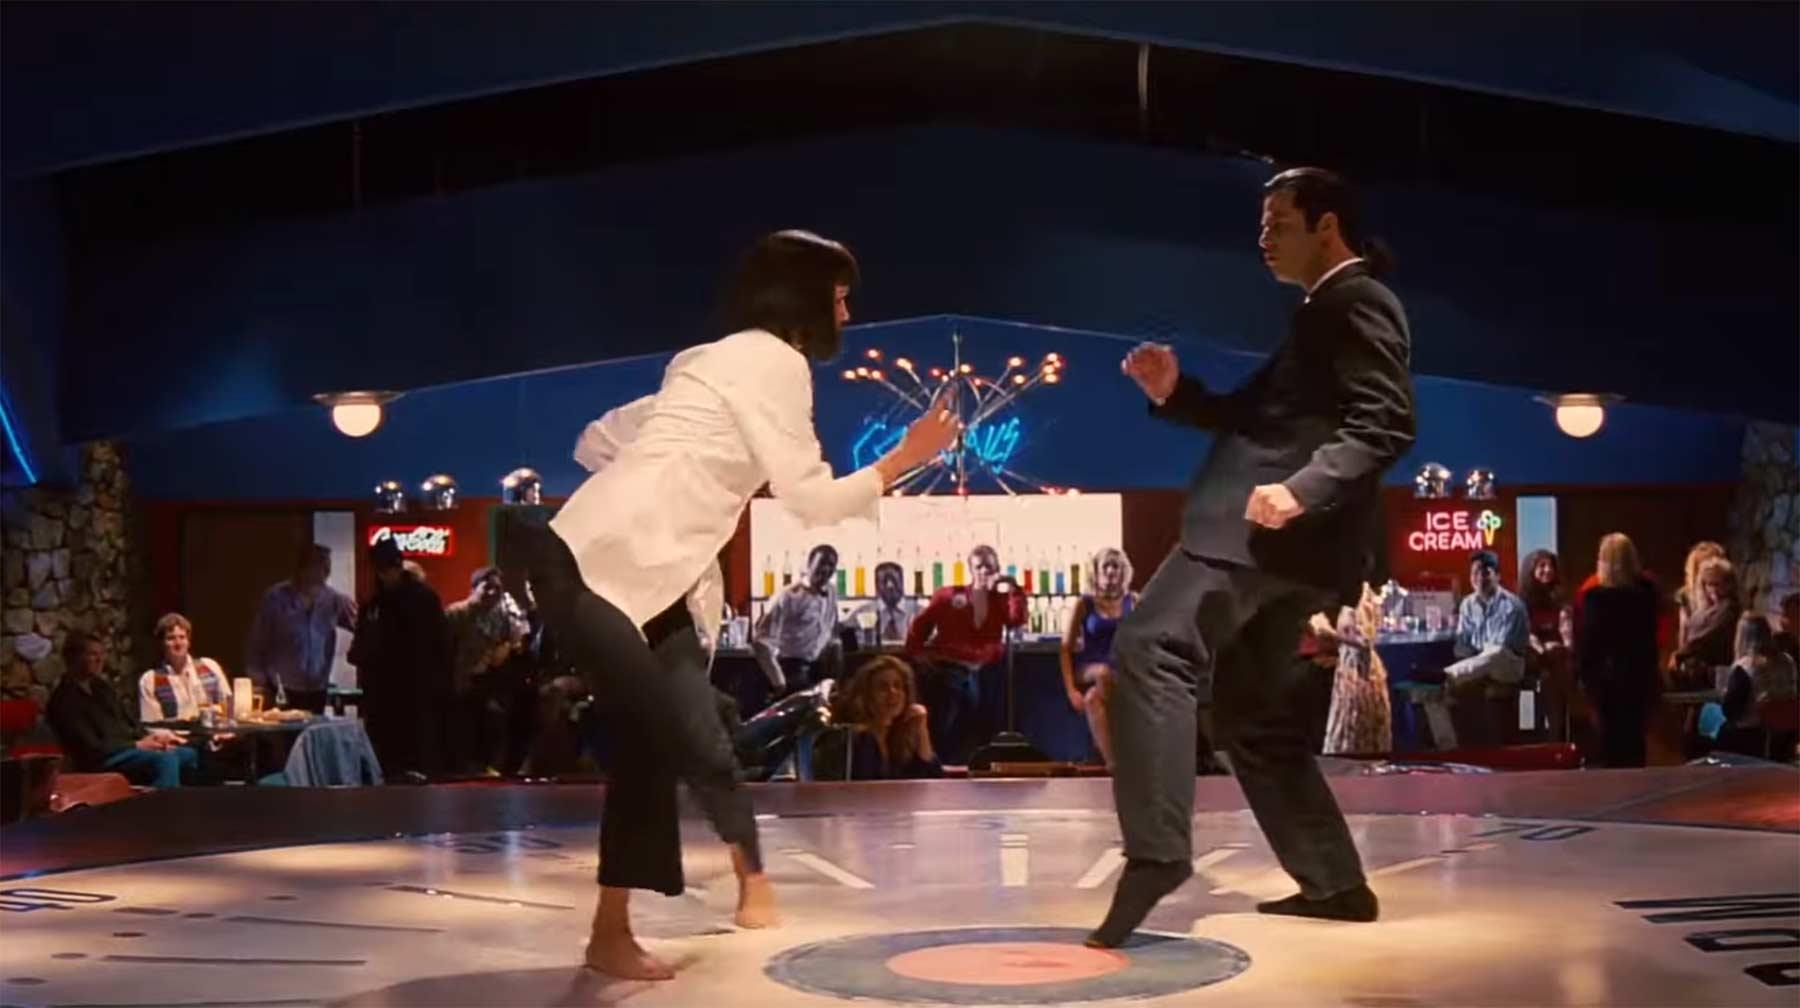 So gut klaut Quentin Tarantino Szenen aus anderen Filmen tarantino-geklaute-szenen